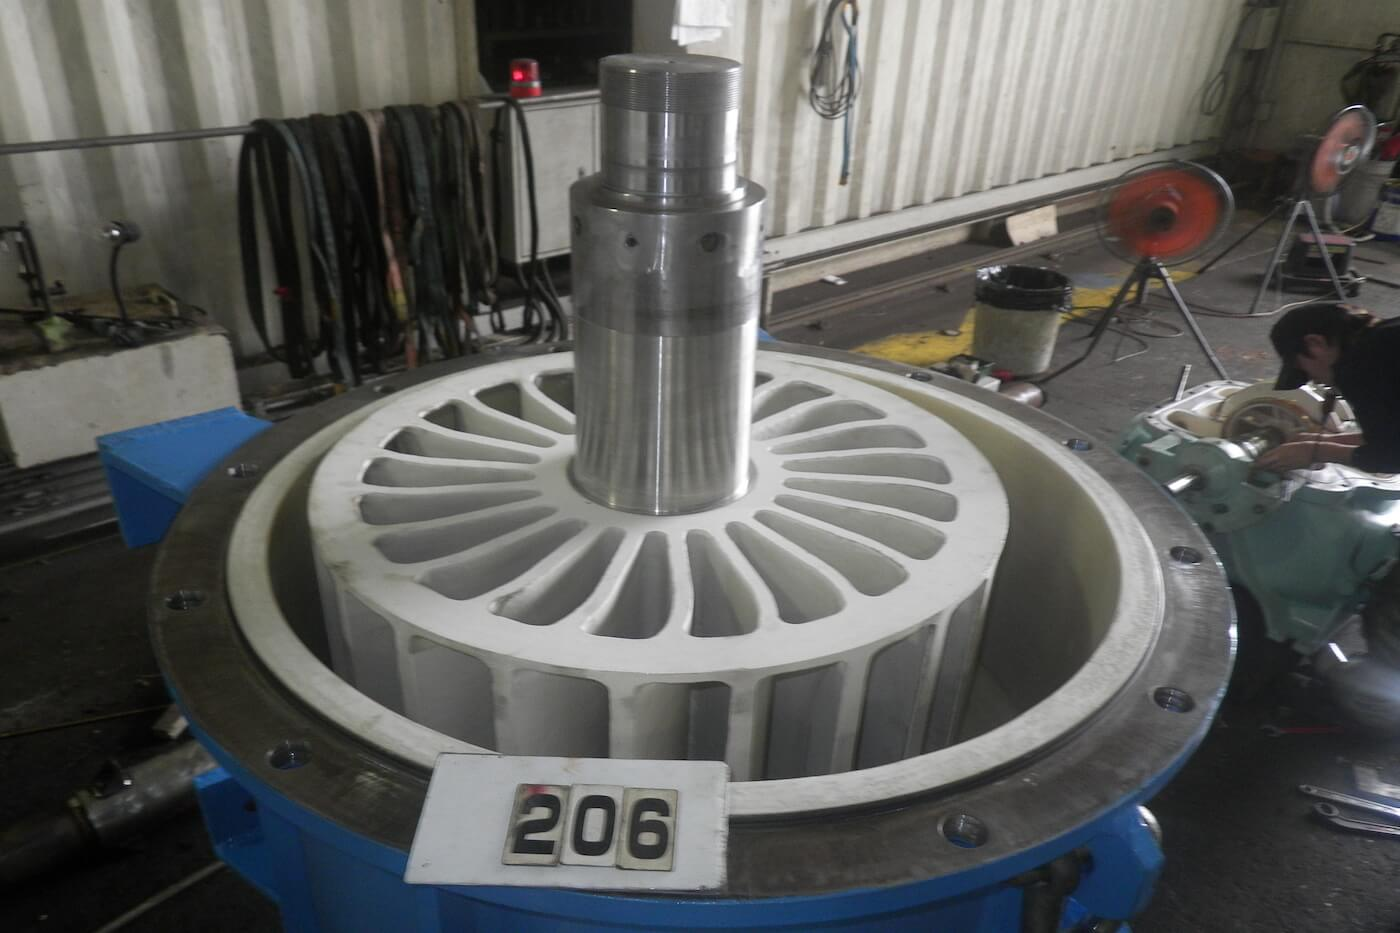 ポンプのオーバーホールと一緒に、消耗部品の交換・コーティング・溶射補修